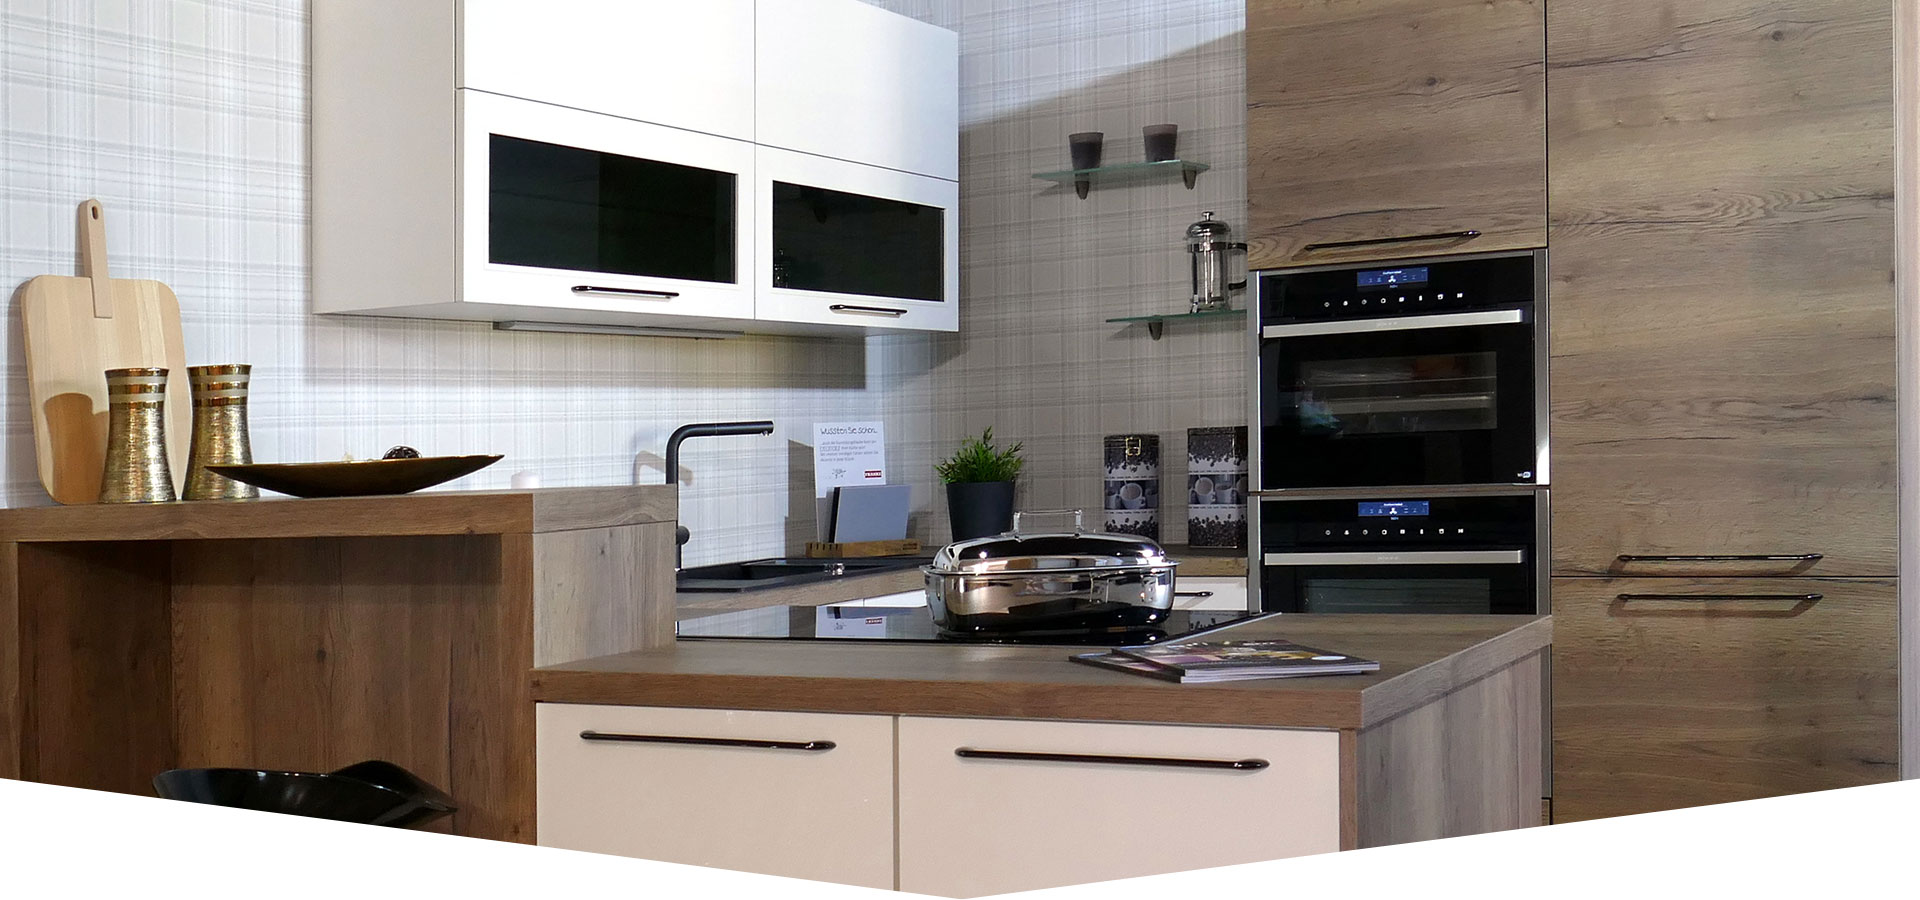 Küchen und Bäder Center Rastatt